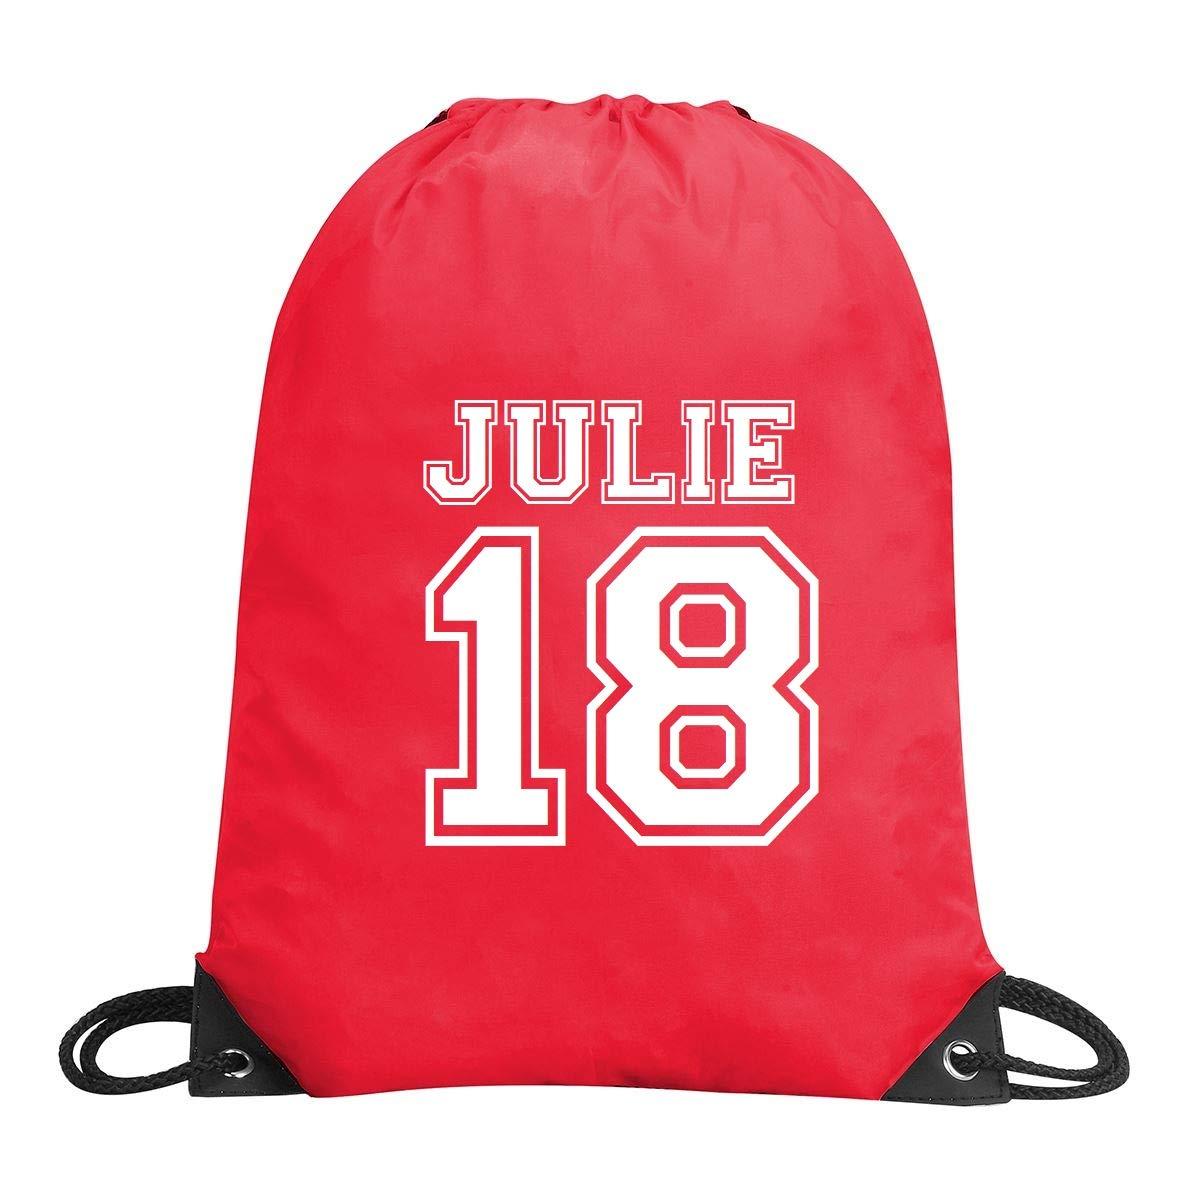 Personalised Football Name and Number Gym Bag - school bag, boot bag, soccer kit, PE bag, P E bag, gym sac, gymsac gymsac (Black)